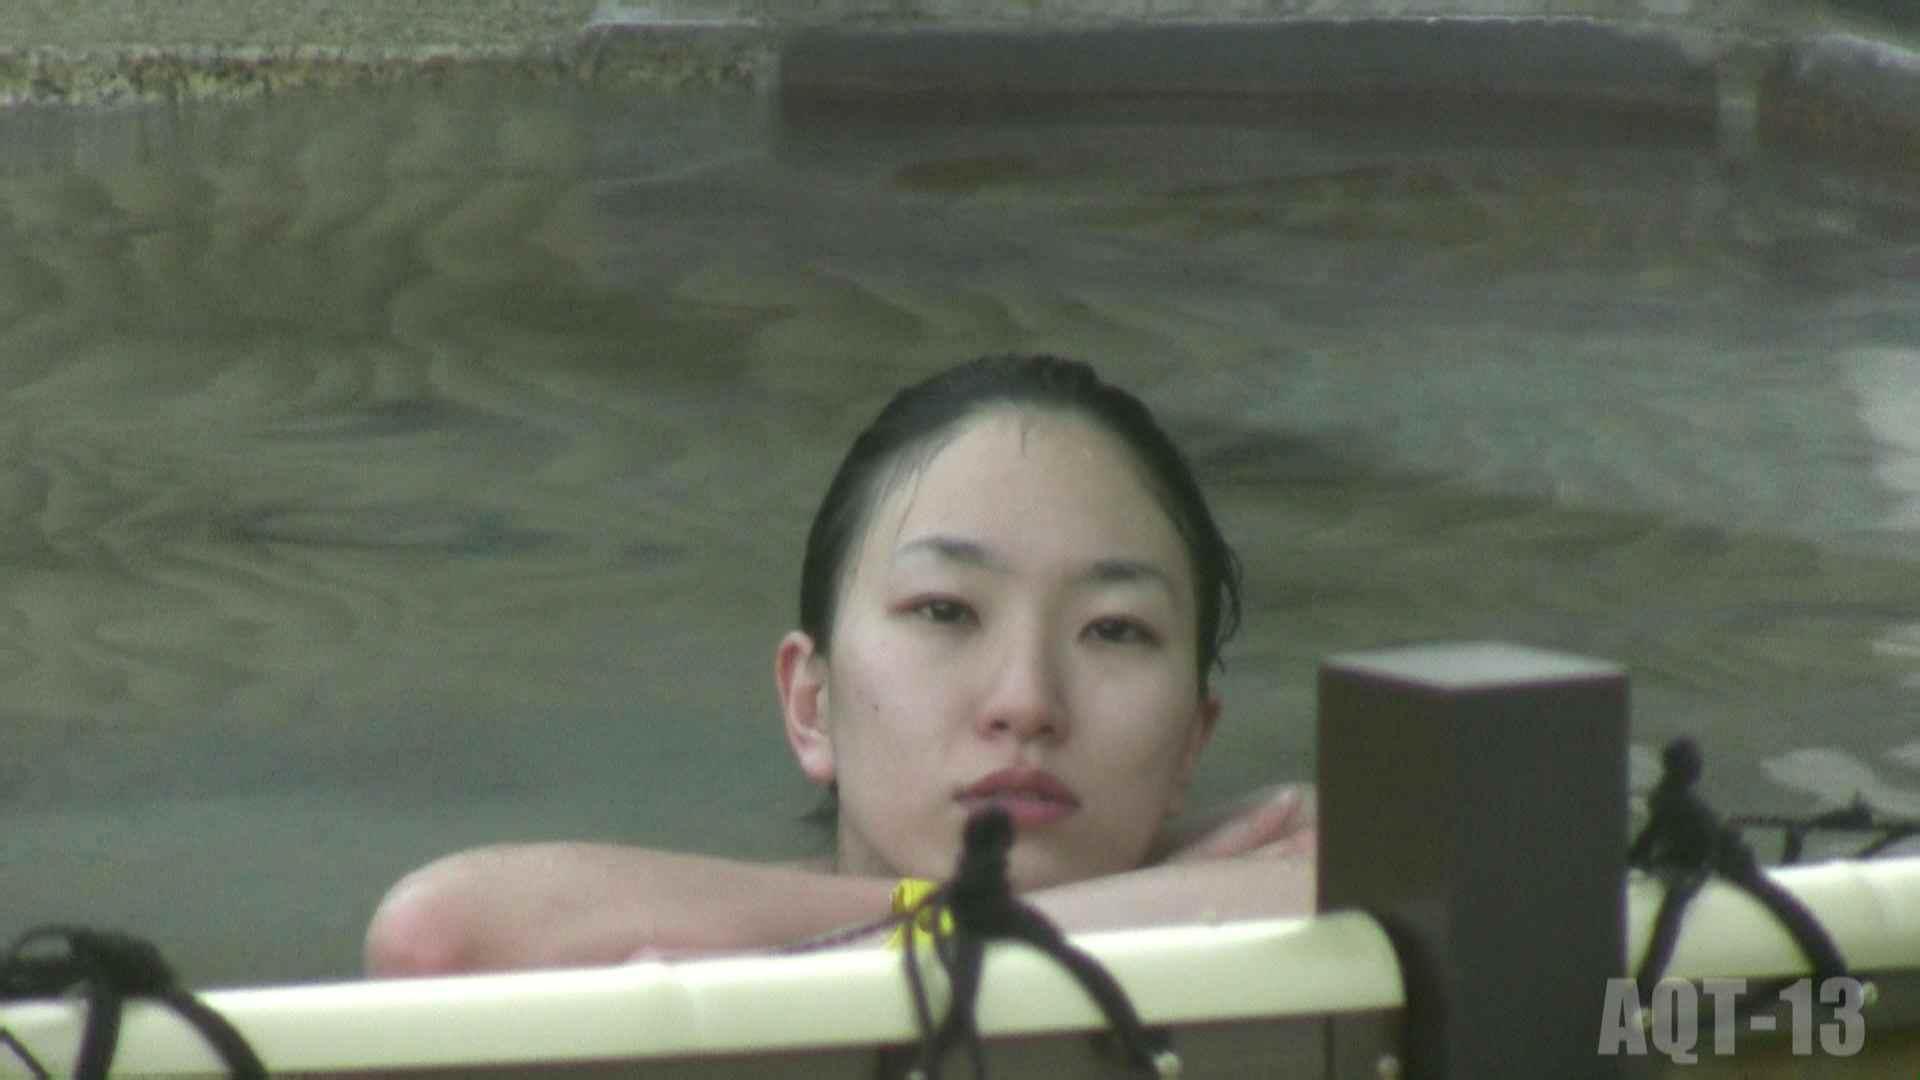 Aquaな露天風呂Vol.818 美しいOLの裸体 | 盗撮師作品  71pic 19